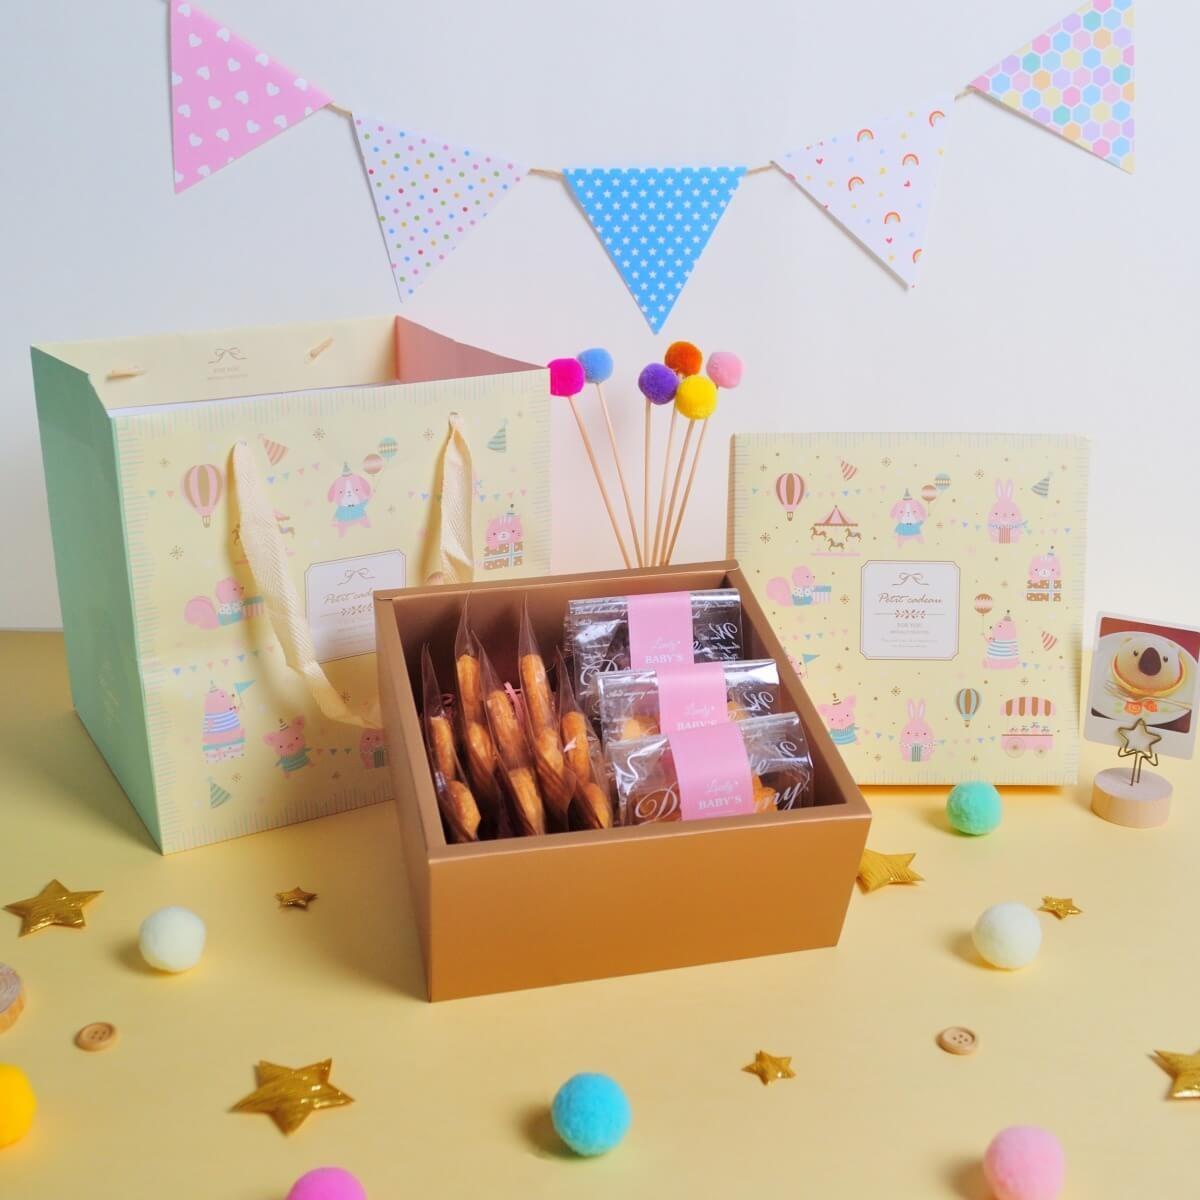 【預購12/18後出貨】寶貝派對禮盒 / 彌月禮盒 / 餐盒 / 伴手禮 / 附提袋 / 蝴蝶酥 / 手工餅乾